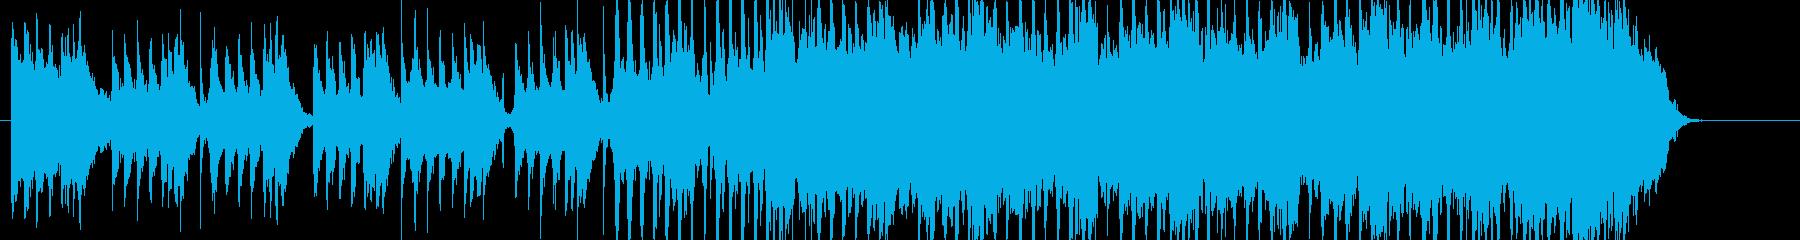 和風EDM入場曲 テンアゲ出囃子の再生済みの波形